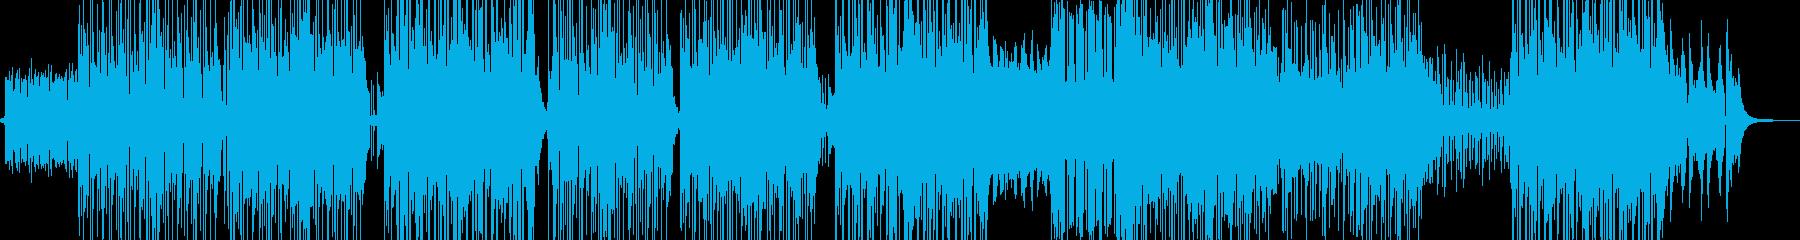 和装・渋い和楽器・ヒップホップ 長尺の再生済みの波形